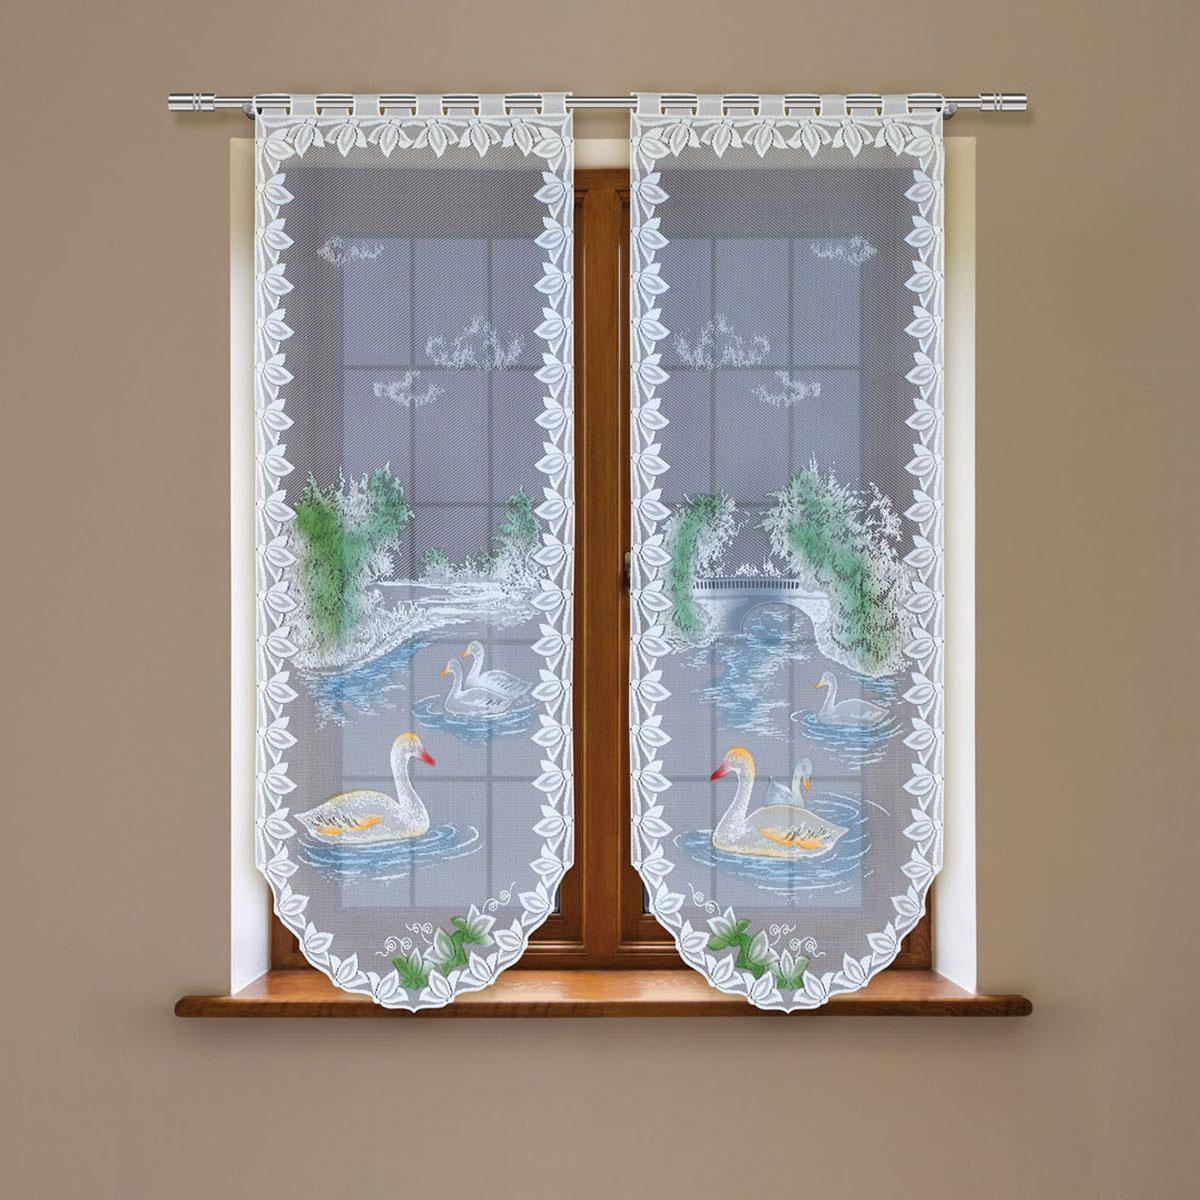 Гардина Haft, цвет: белый, высота 160 см. 4243С/60S03301004Гардина имеет в верхней части полотна прорези, через которые гардина-витраж вывешивается на карниз или можно крепить на зажим для штор,котрый в комплект не входит.Комплект состоит из двух полотен (выс.160* шир.60) Размеры: (высота 160* ширина 60)*2